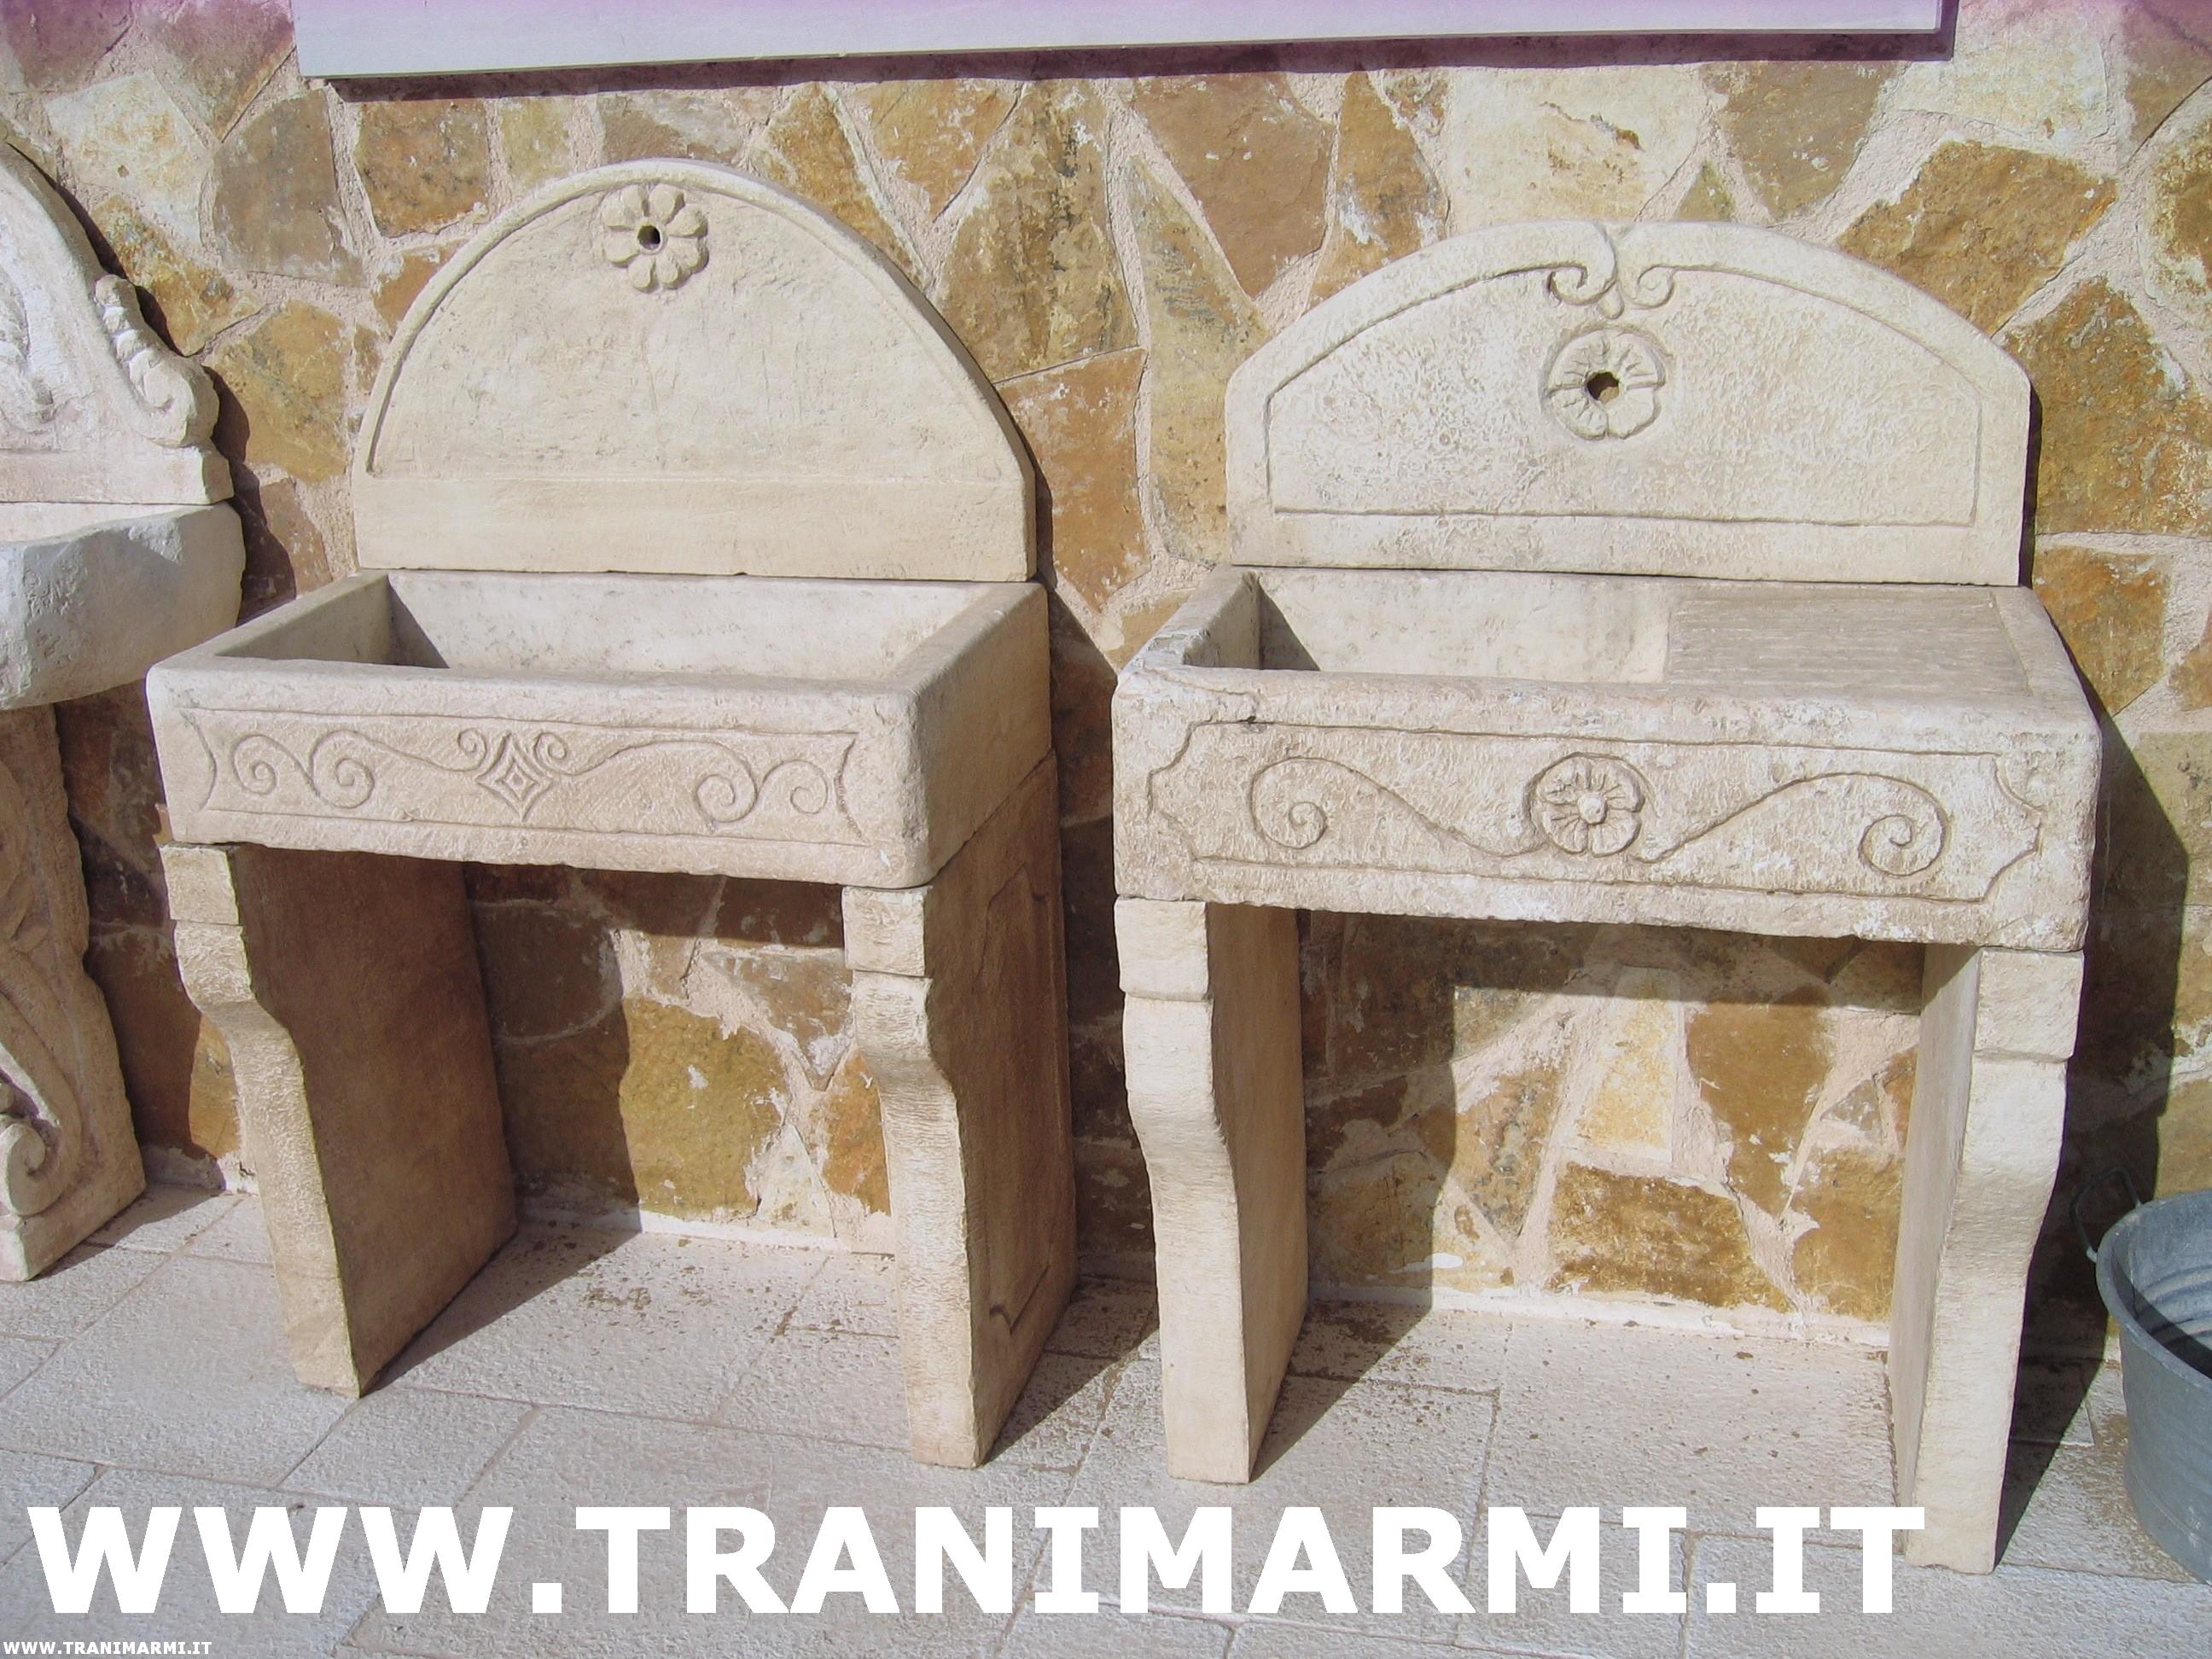 133 Lavabo Per Esterno - lavandini in pietra da giardino ...